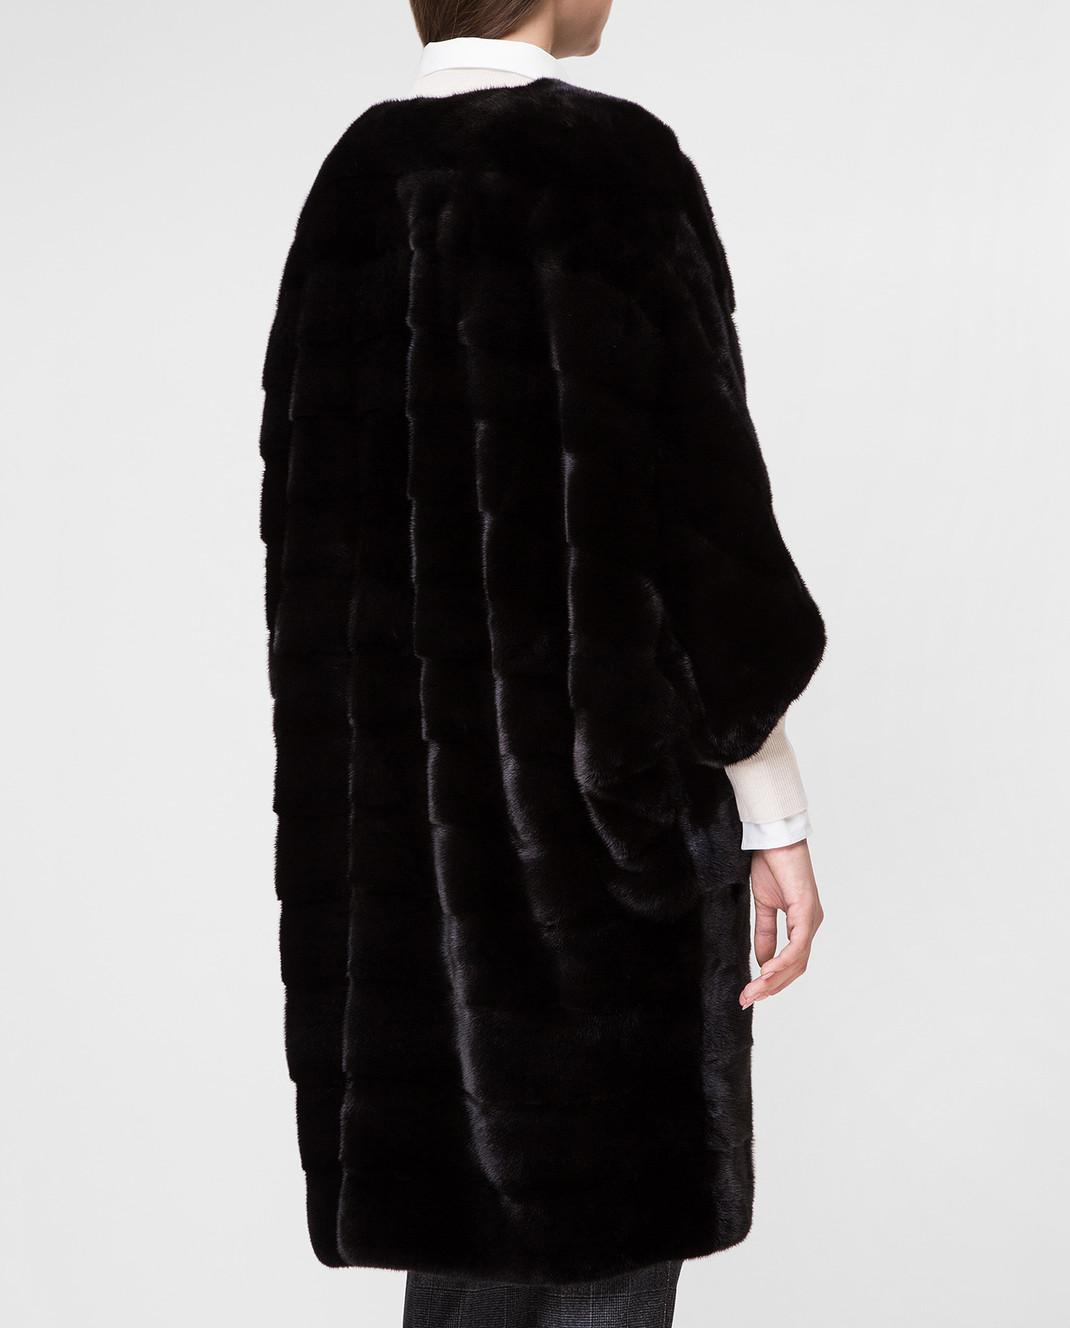 Real Furs House Черное меховое пальто TB923 изображение 4